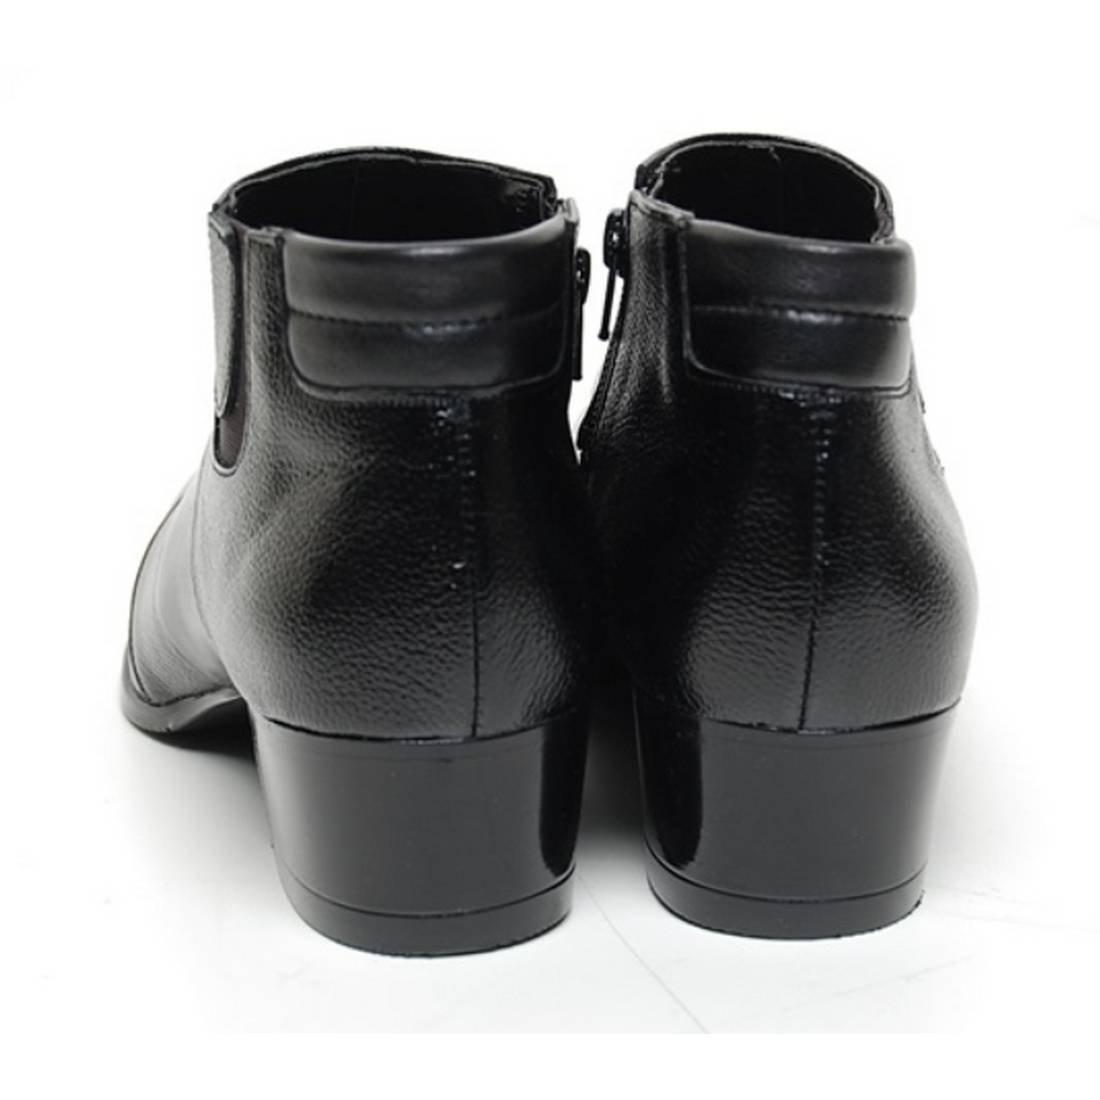 epicstep hommes / femmes hommes en cuir chaussures décontractée robe formelle tenue décontractée chaussures deux tons de bottines modérée des prix des chaussures bv10603 respirants belle apparence 31b0b4